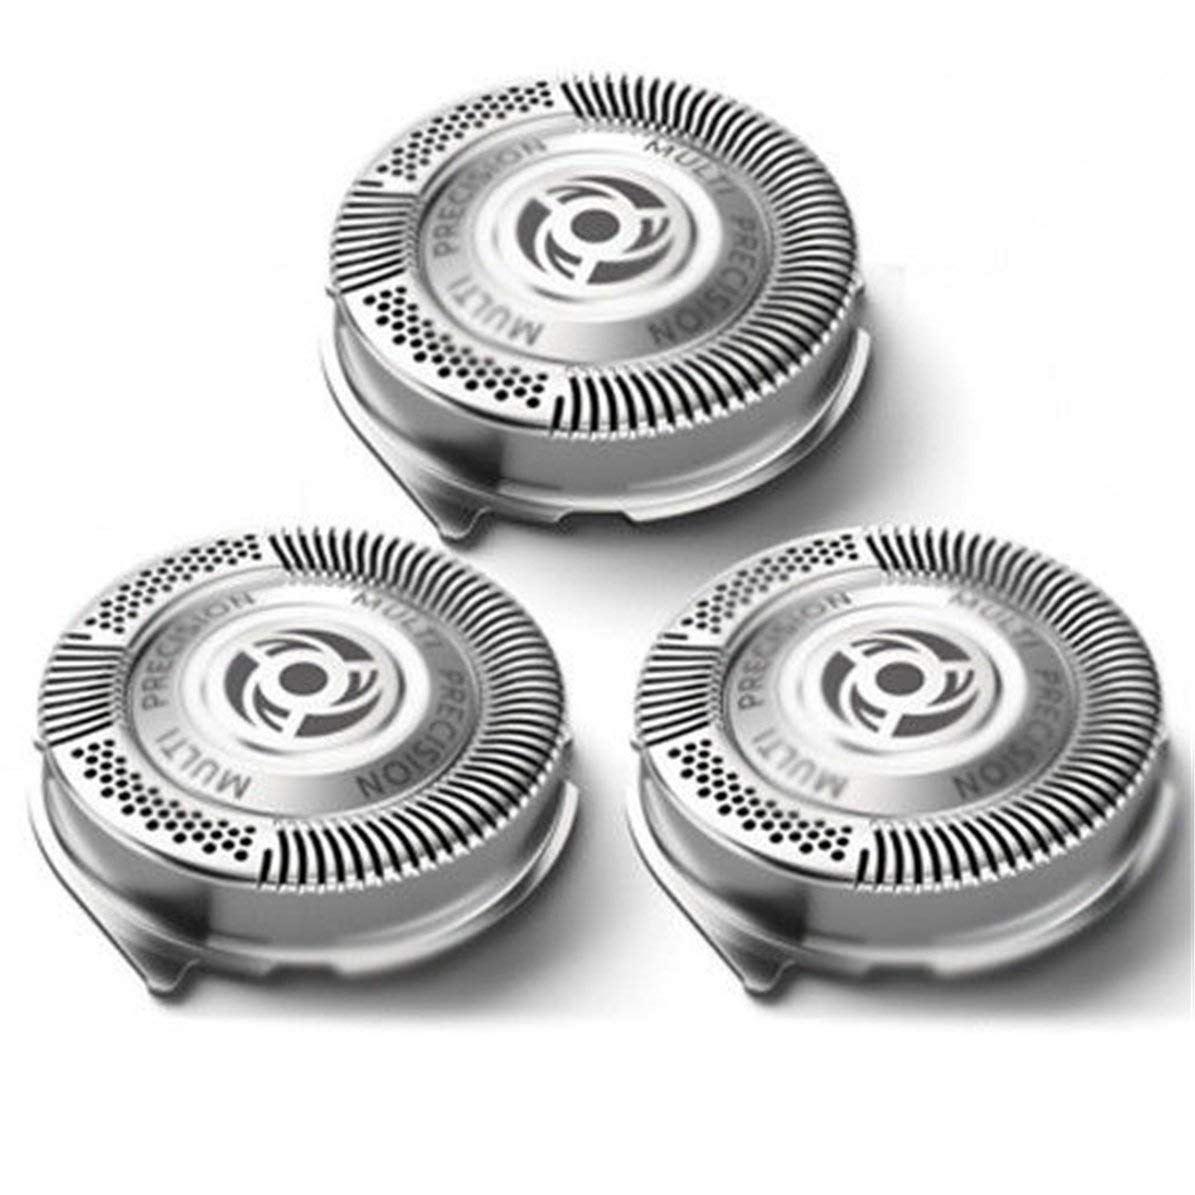 Cabezales de afeitado, 3 piezas Cabezales de afeitado Cabezales de repuesto Cuchillas de afeitar de precisión múltiple Cabeza de afeitar DoMoment